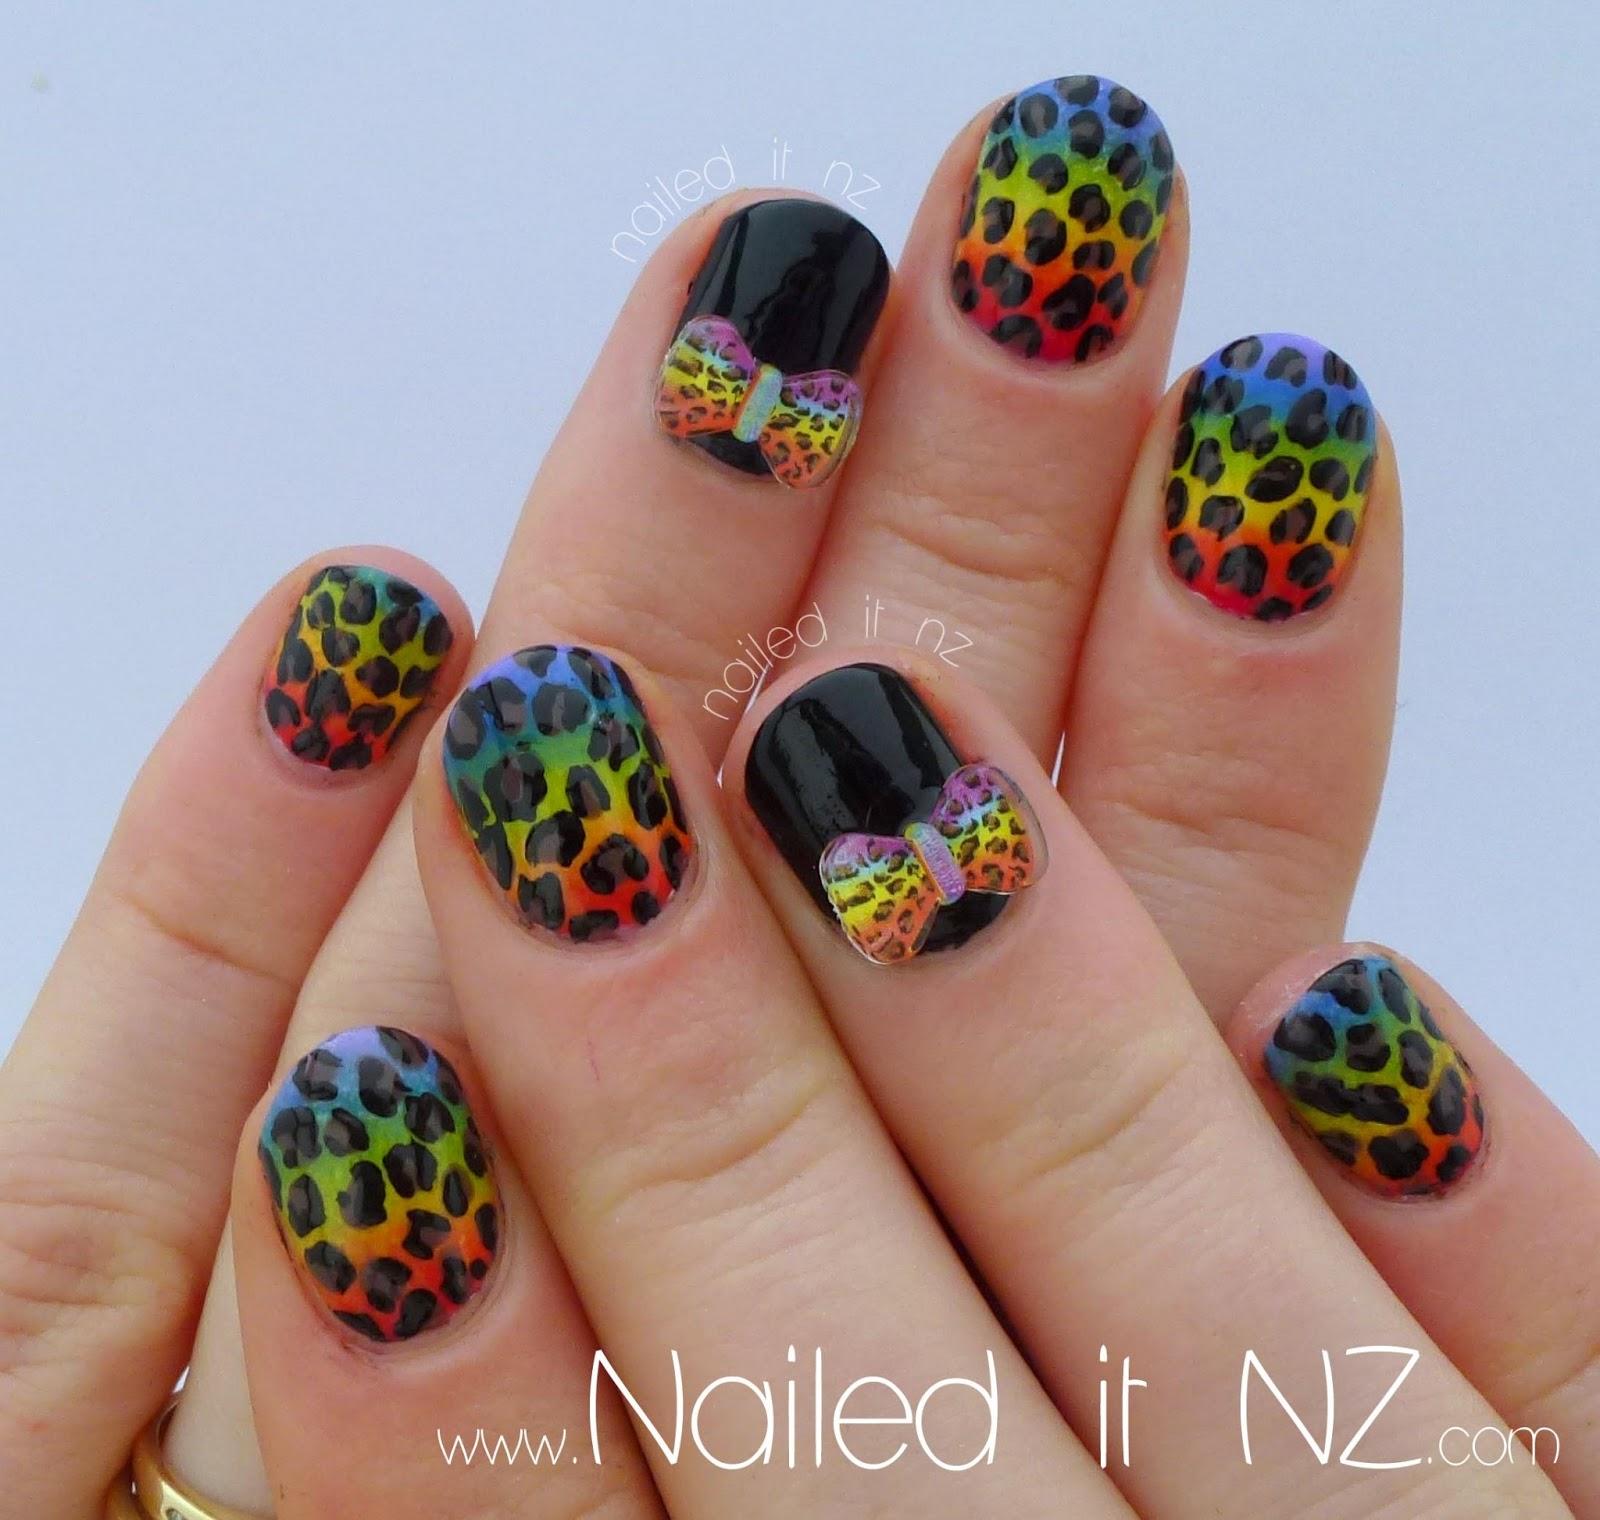 Rainbow leopard-print nails!